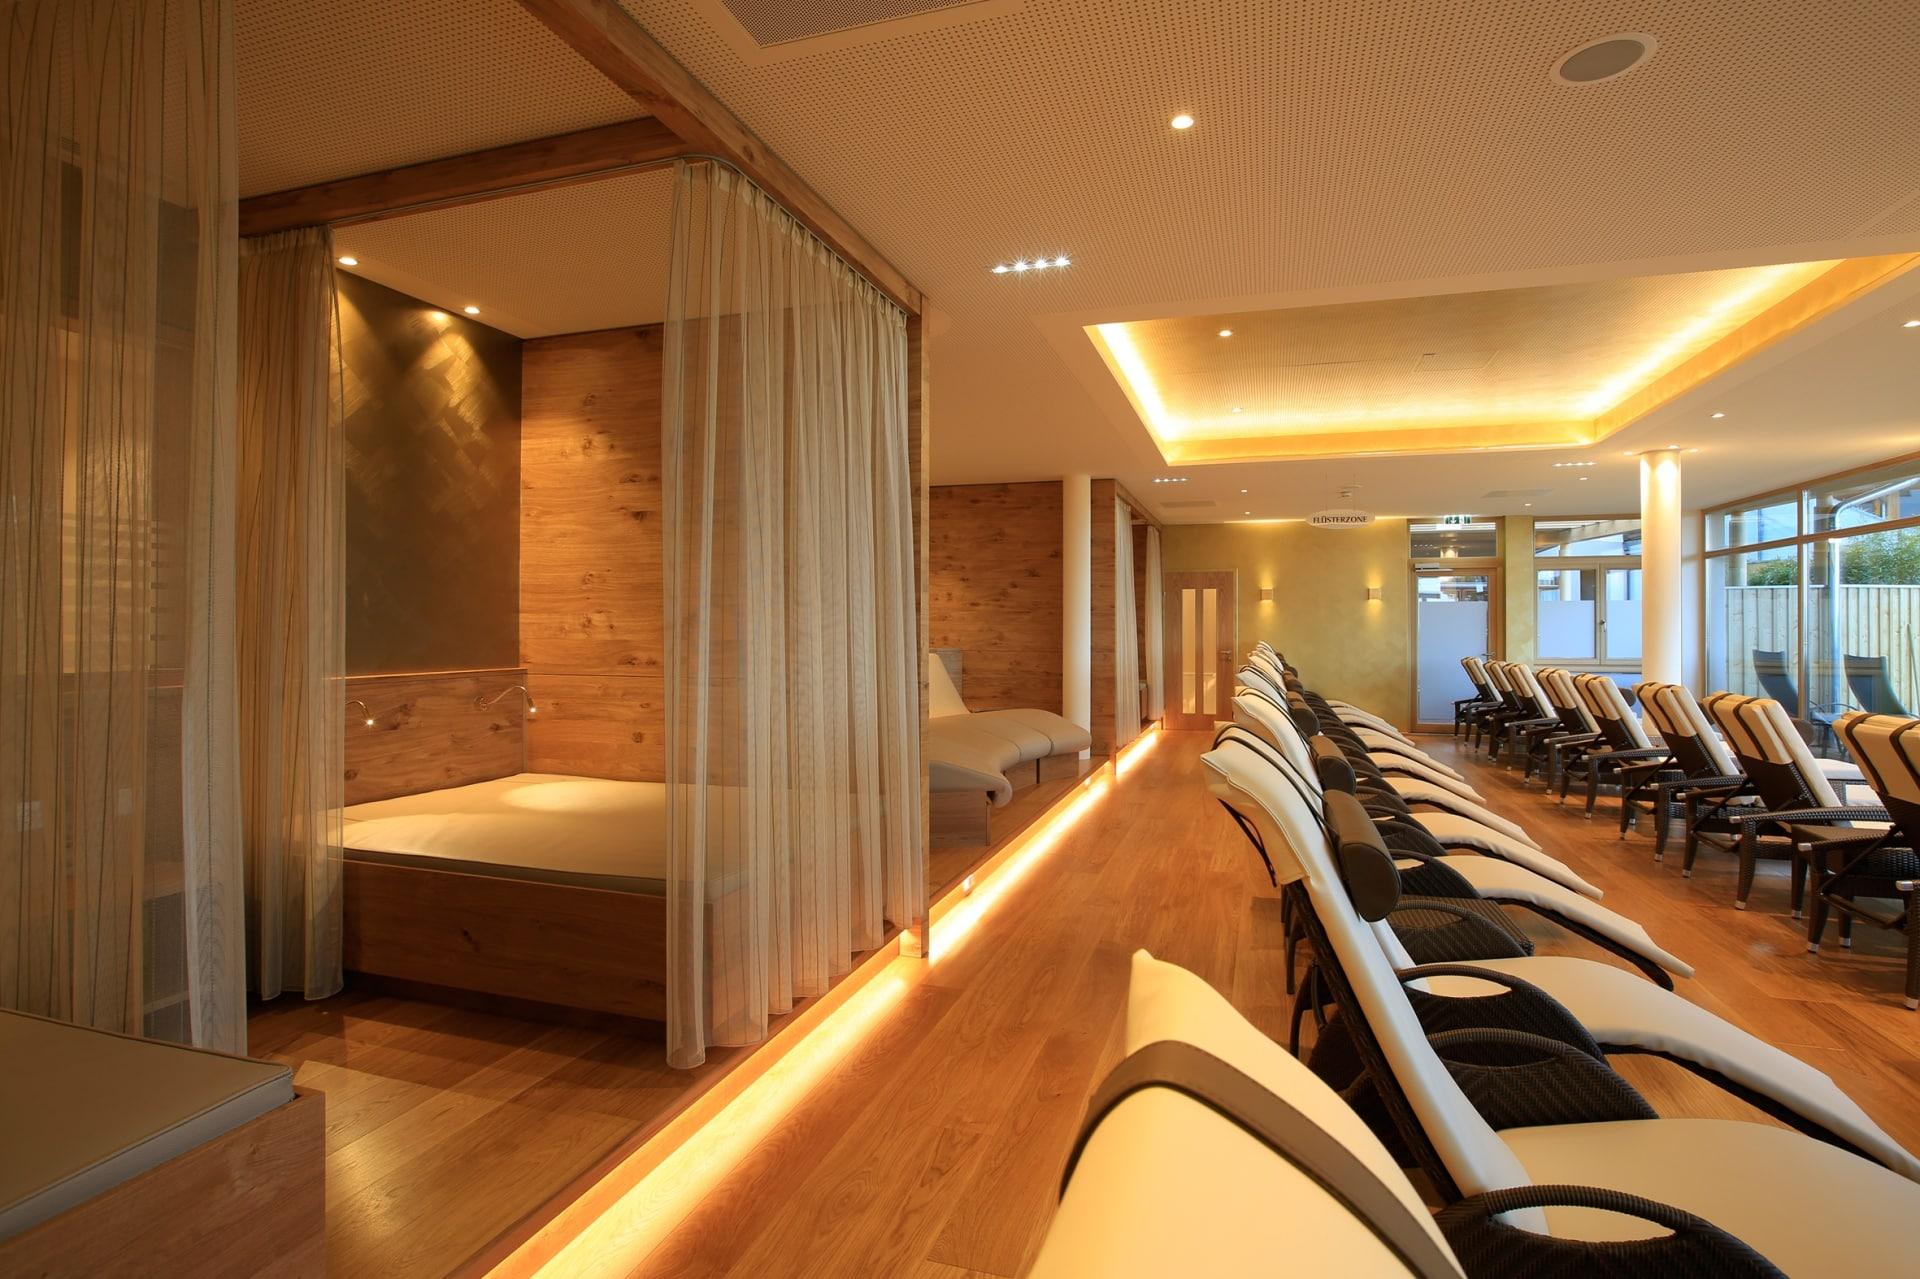 Raum für Ruhe und Entspannung